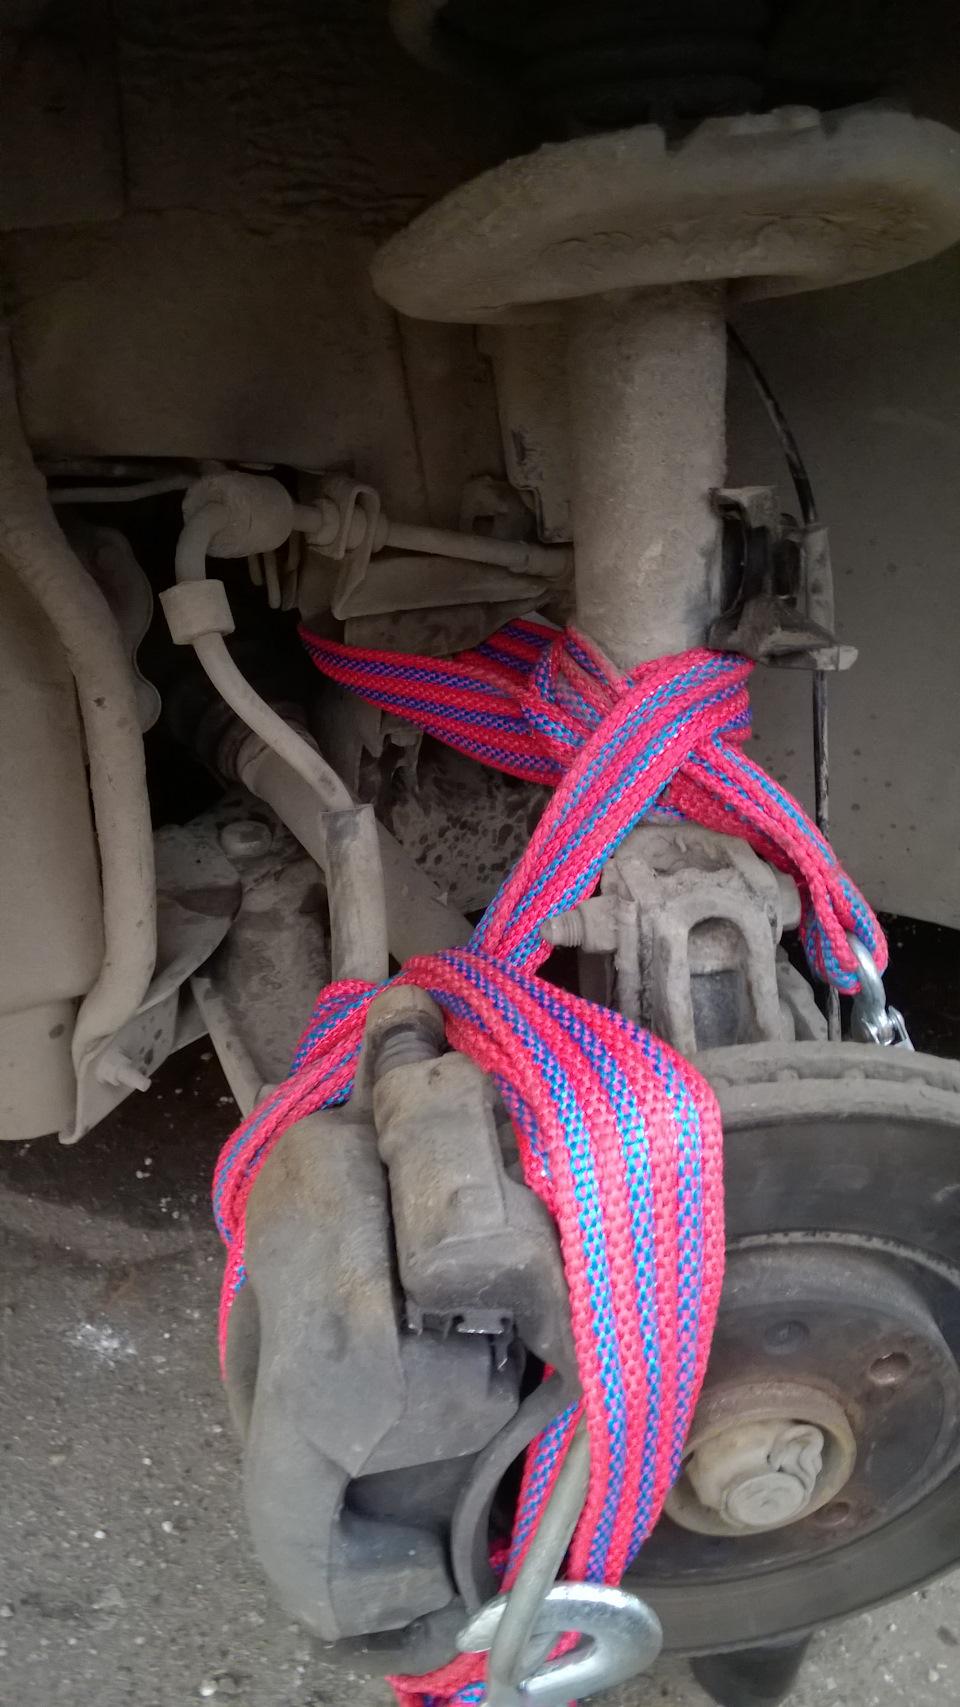 Замена шаровой опоры пежо 308 своими руками пошаговая инструкция